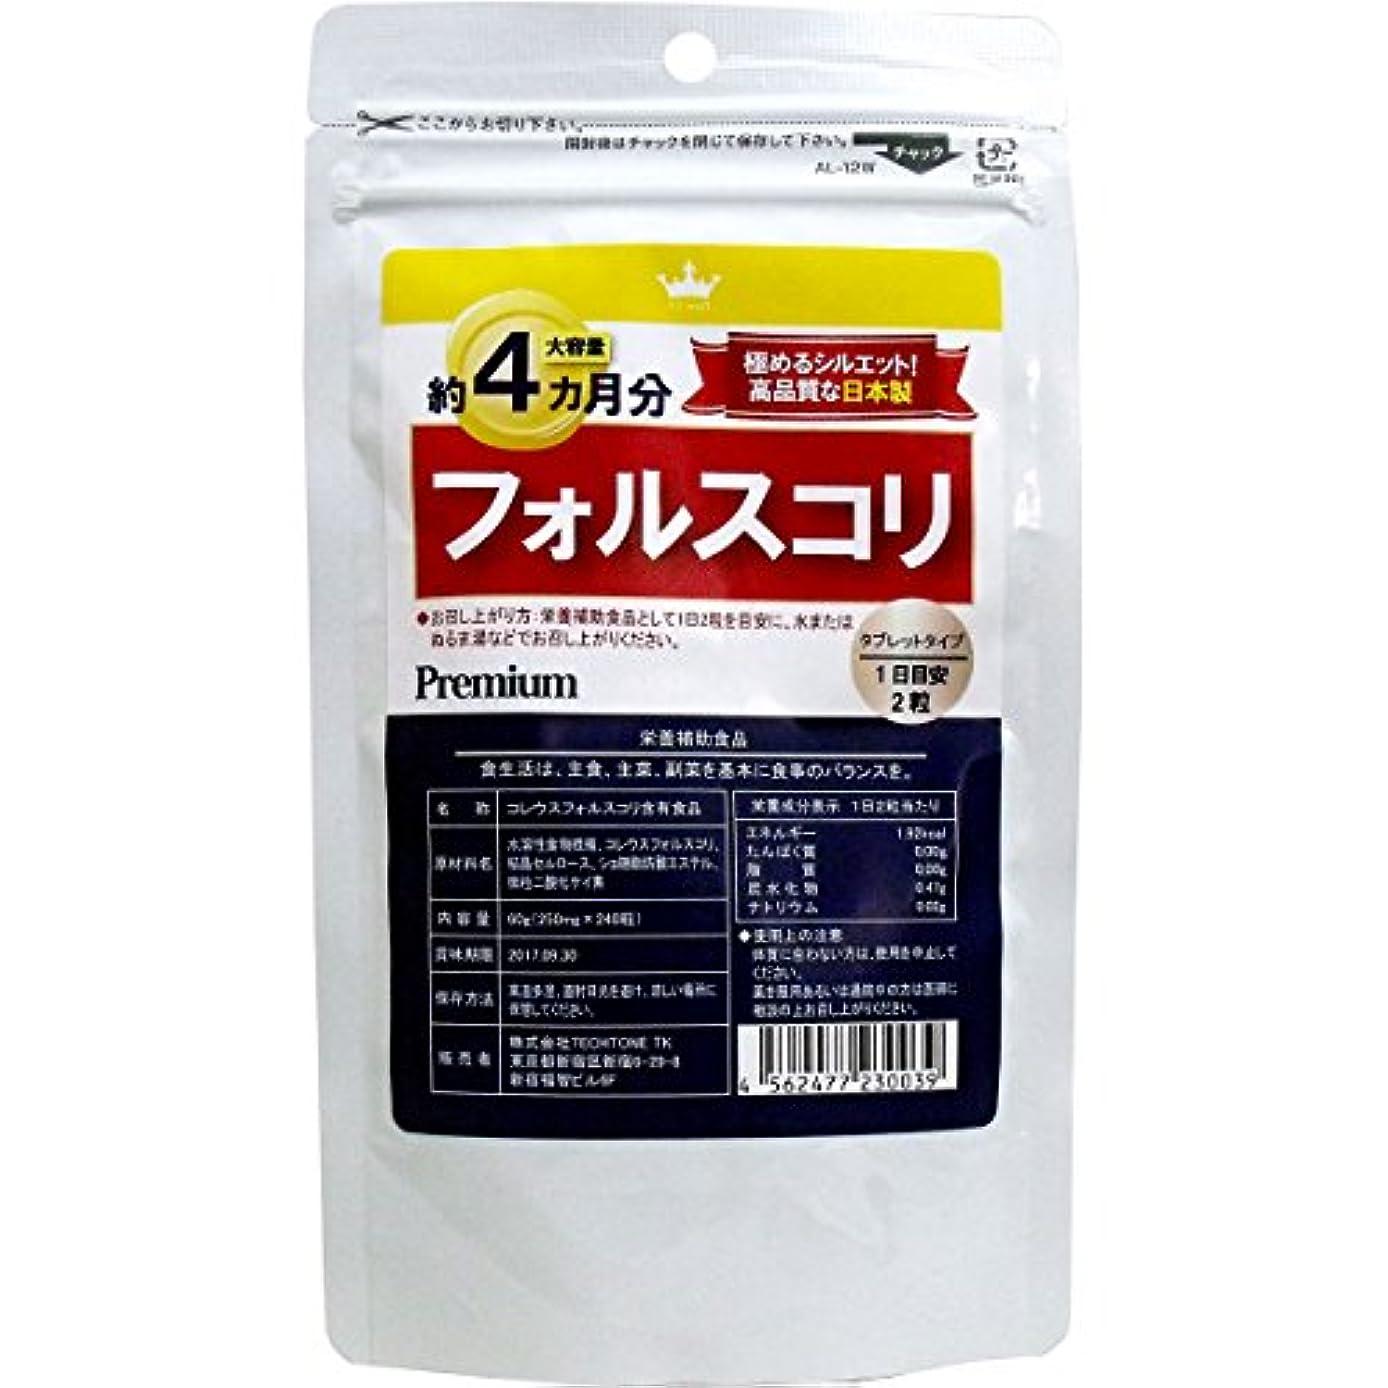 思春期の提案するバンサプリ 高品質な日本製 話題の フォルスコリ 約4カ月分 240粒入【1個セット】